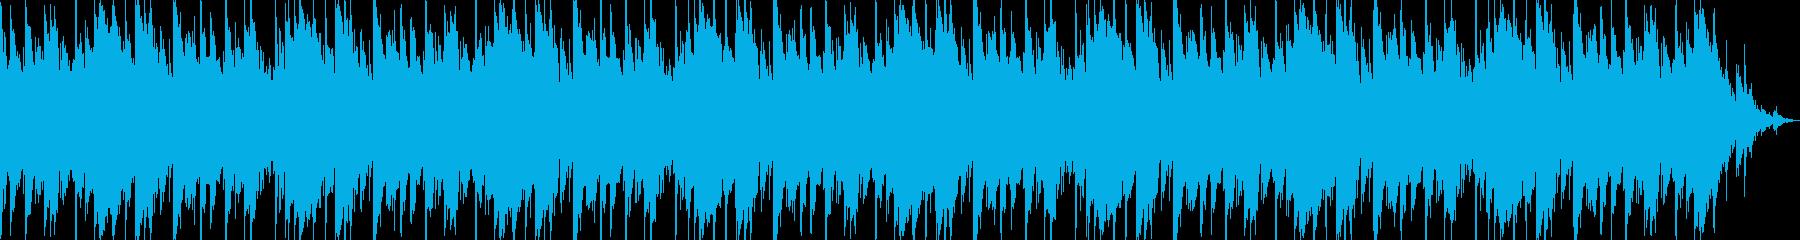 Aギターの癒し系ヒーリングサウンドの再生済みの波形